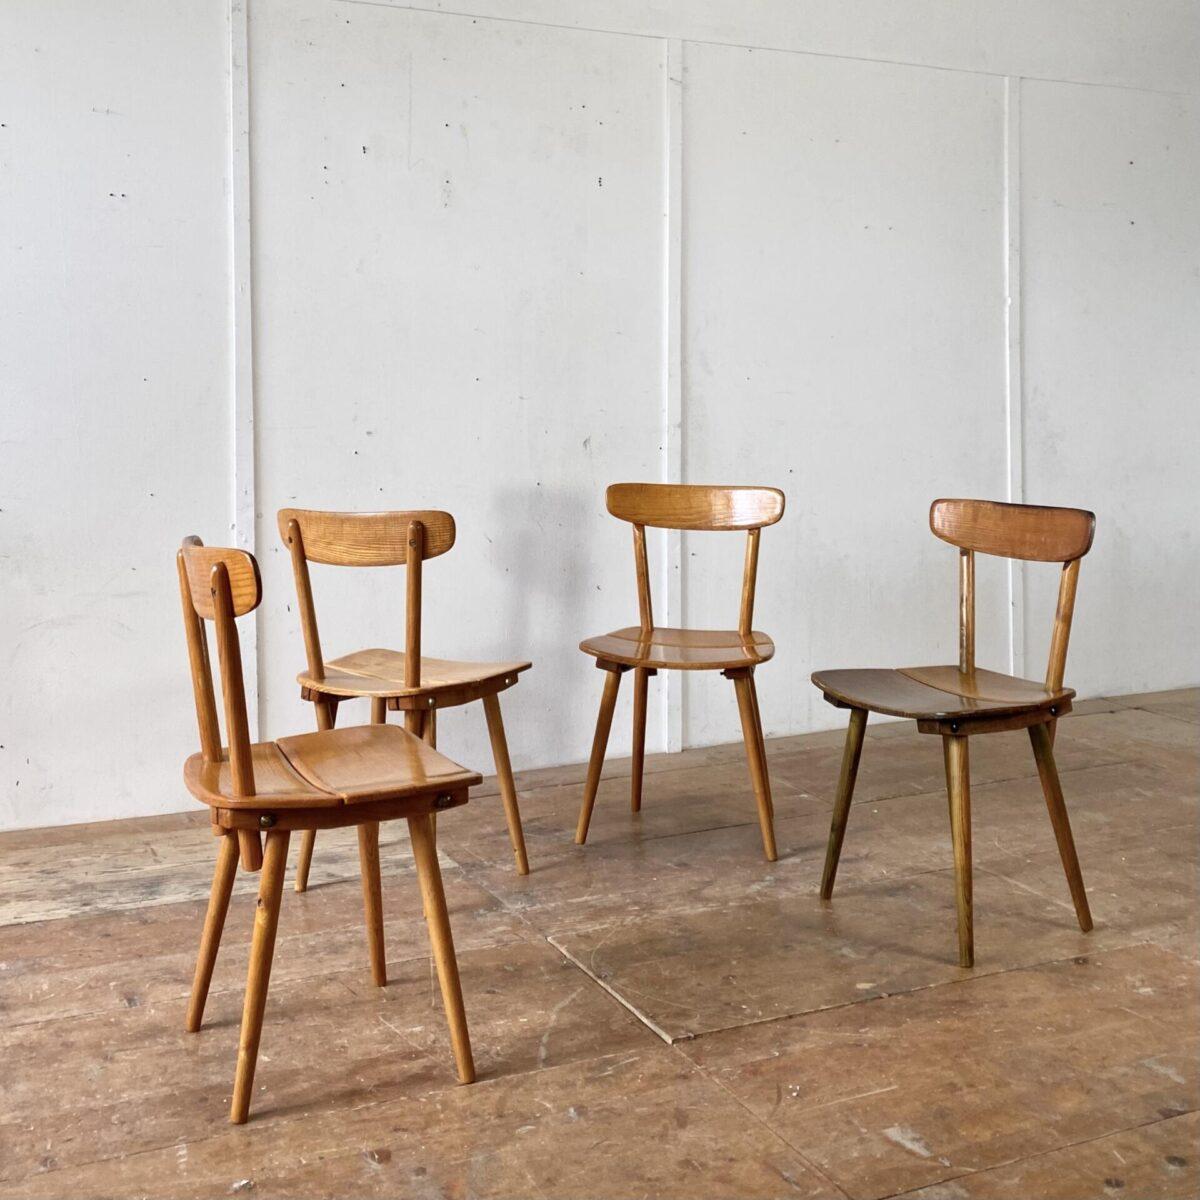 4er Set Jacob Müller Stühle, aus den 50er Jahren, von Wohnhilfe Zürich. Preis fürs Set. Die Stühle sind in stabilem Original Zustand, oben am Rücken ist der Lack etwas abgewetzt. Einer der Stühle ist etwas dunkler.